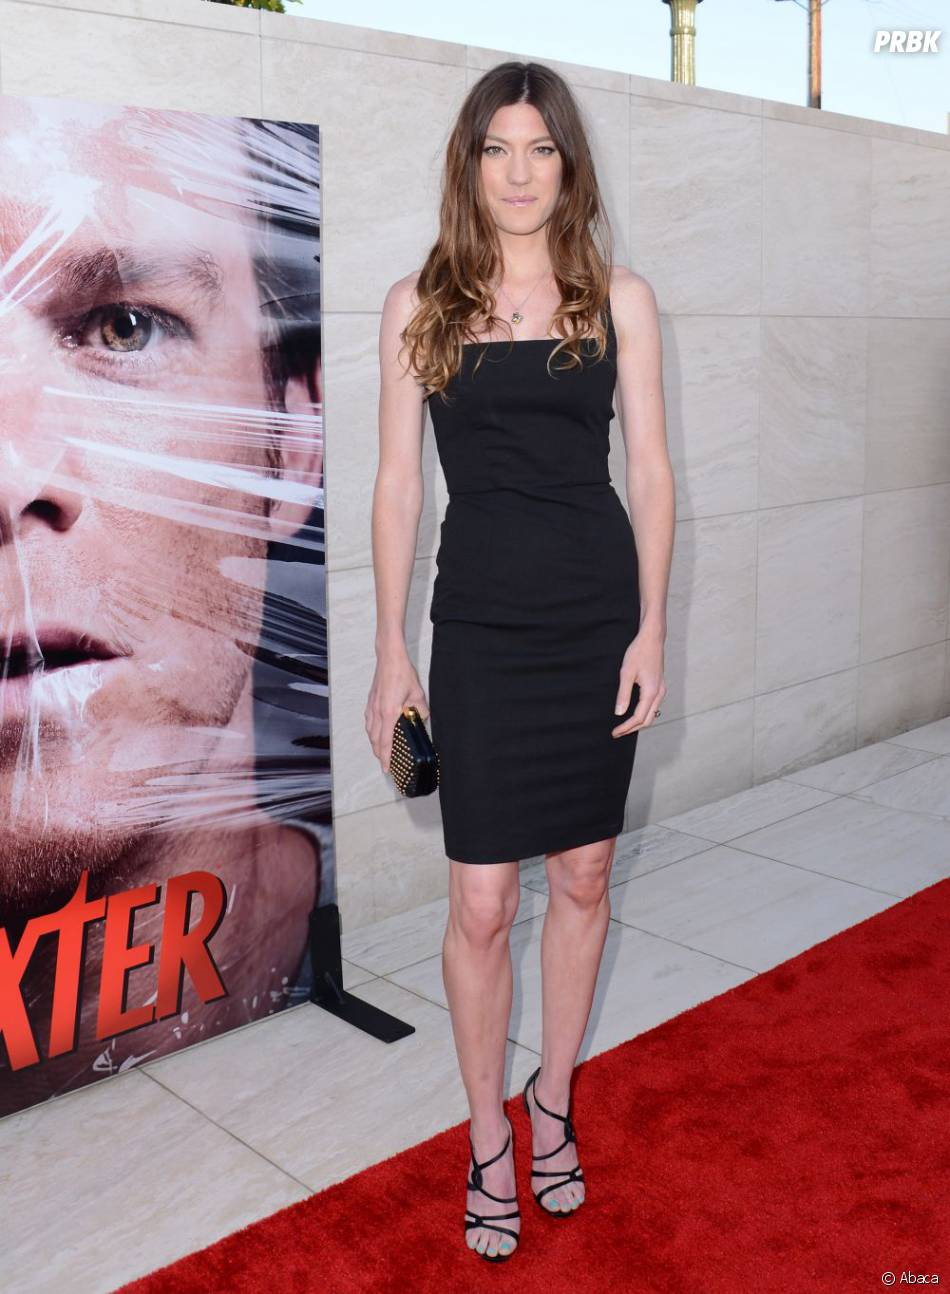 Jennifer Carpenter à la soirée Dexter saison 8, le 15 juin 2013 à L.A